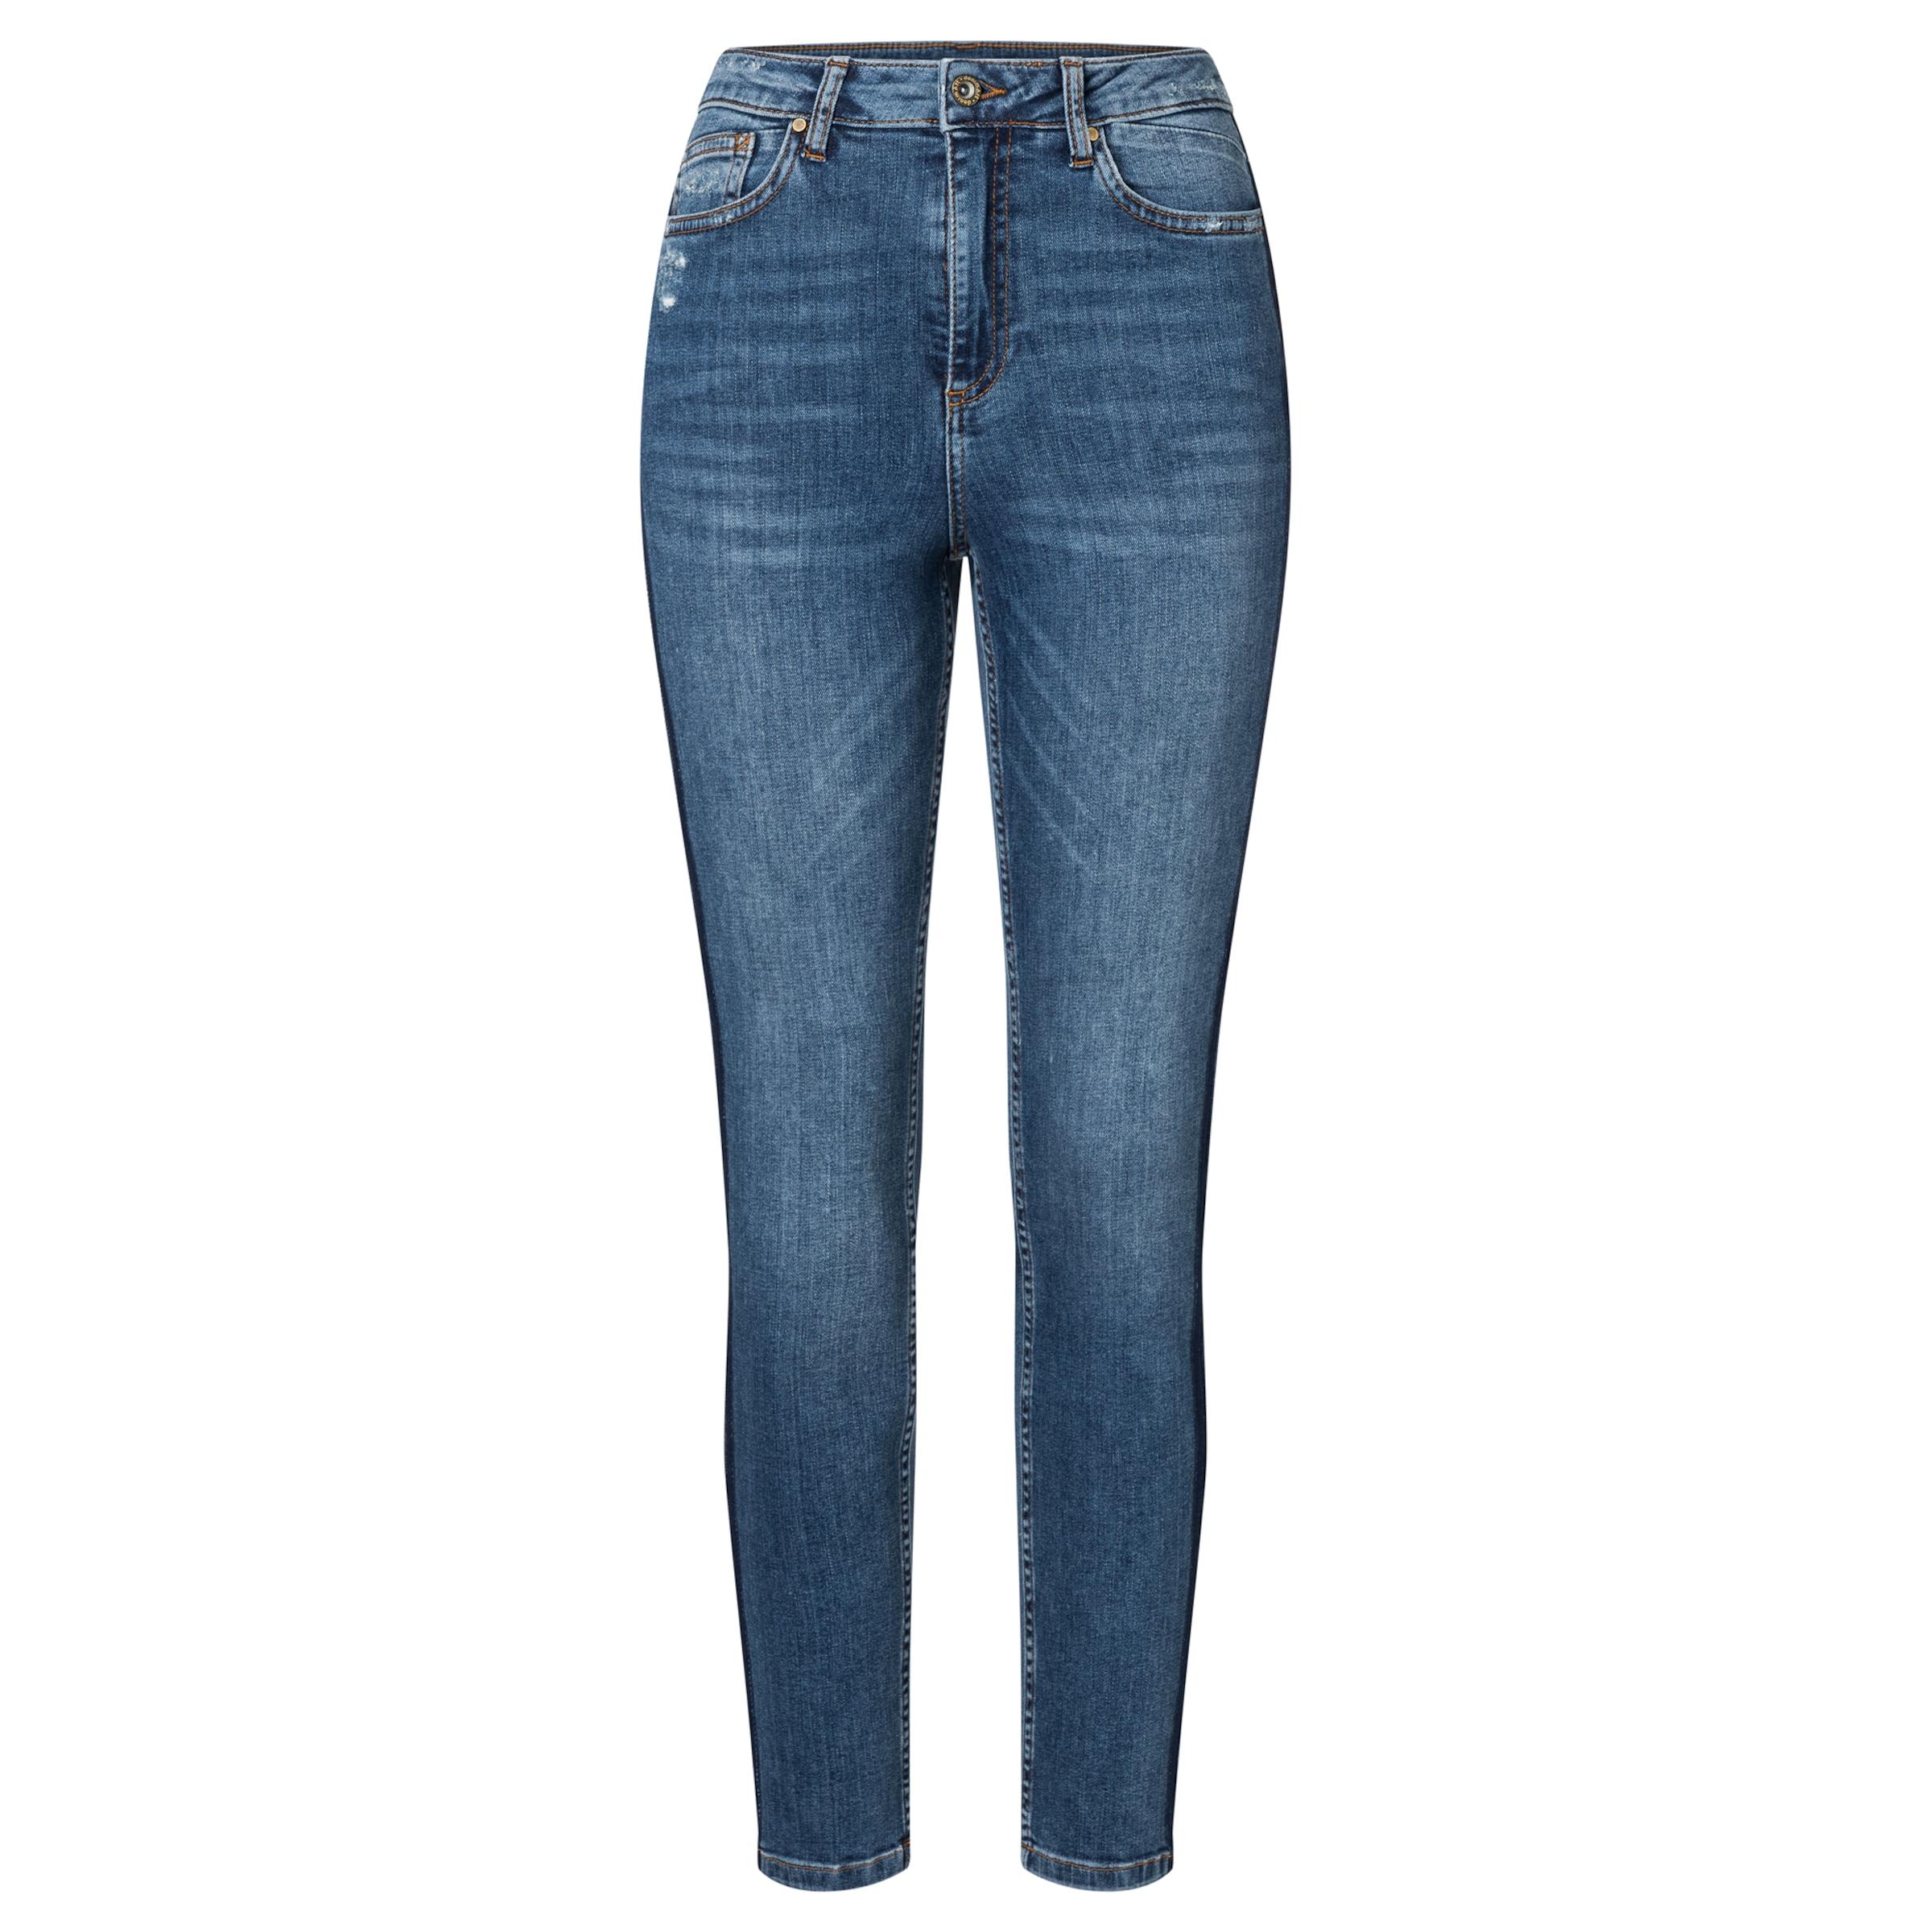 More One Jeans Story Blue Denim In qMpzVSU